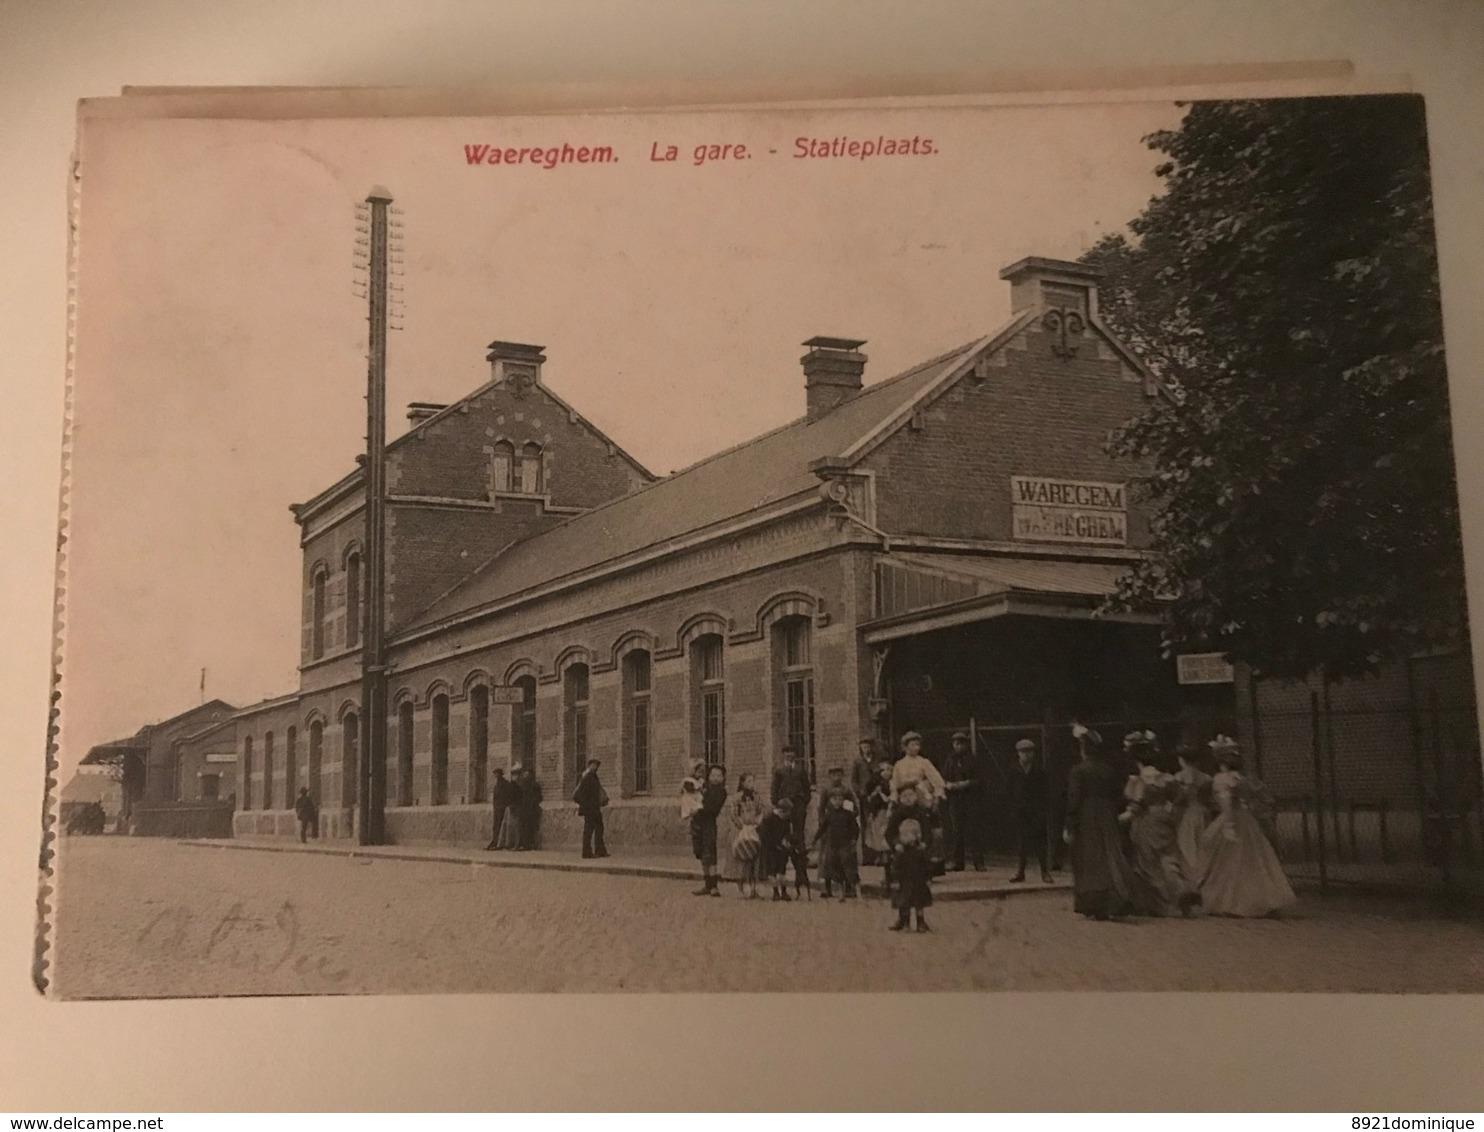 Waereghem - Waregem : La Gare - Statieplaats - Station - Statie Bahnhof (gelopen) - Waregem